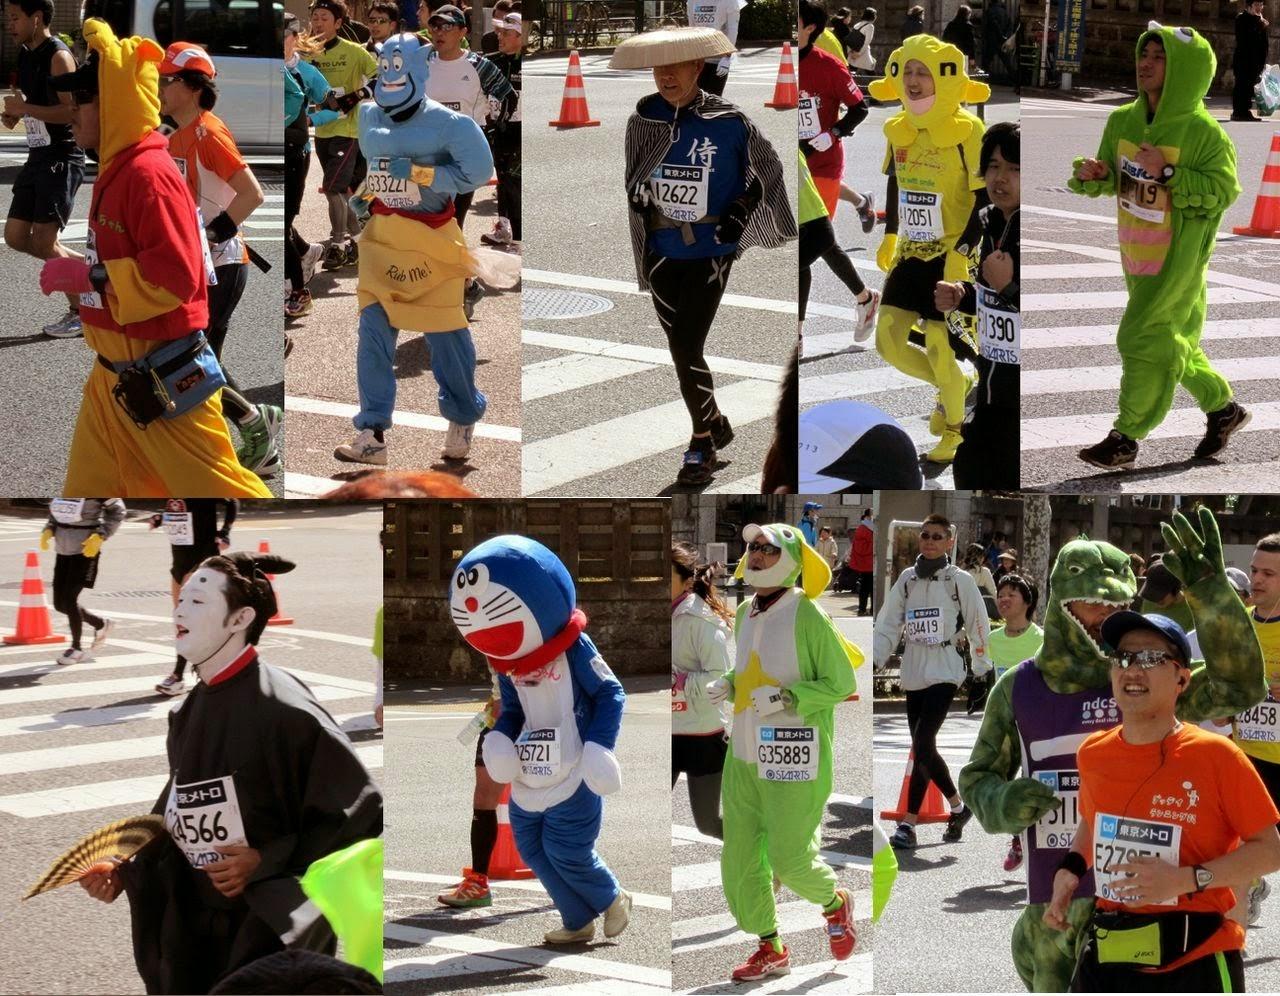 Echipament de alergare, in pas cu moda